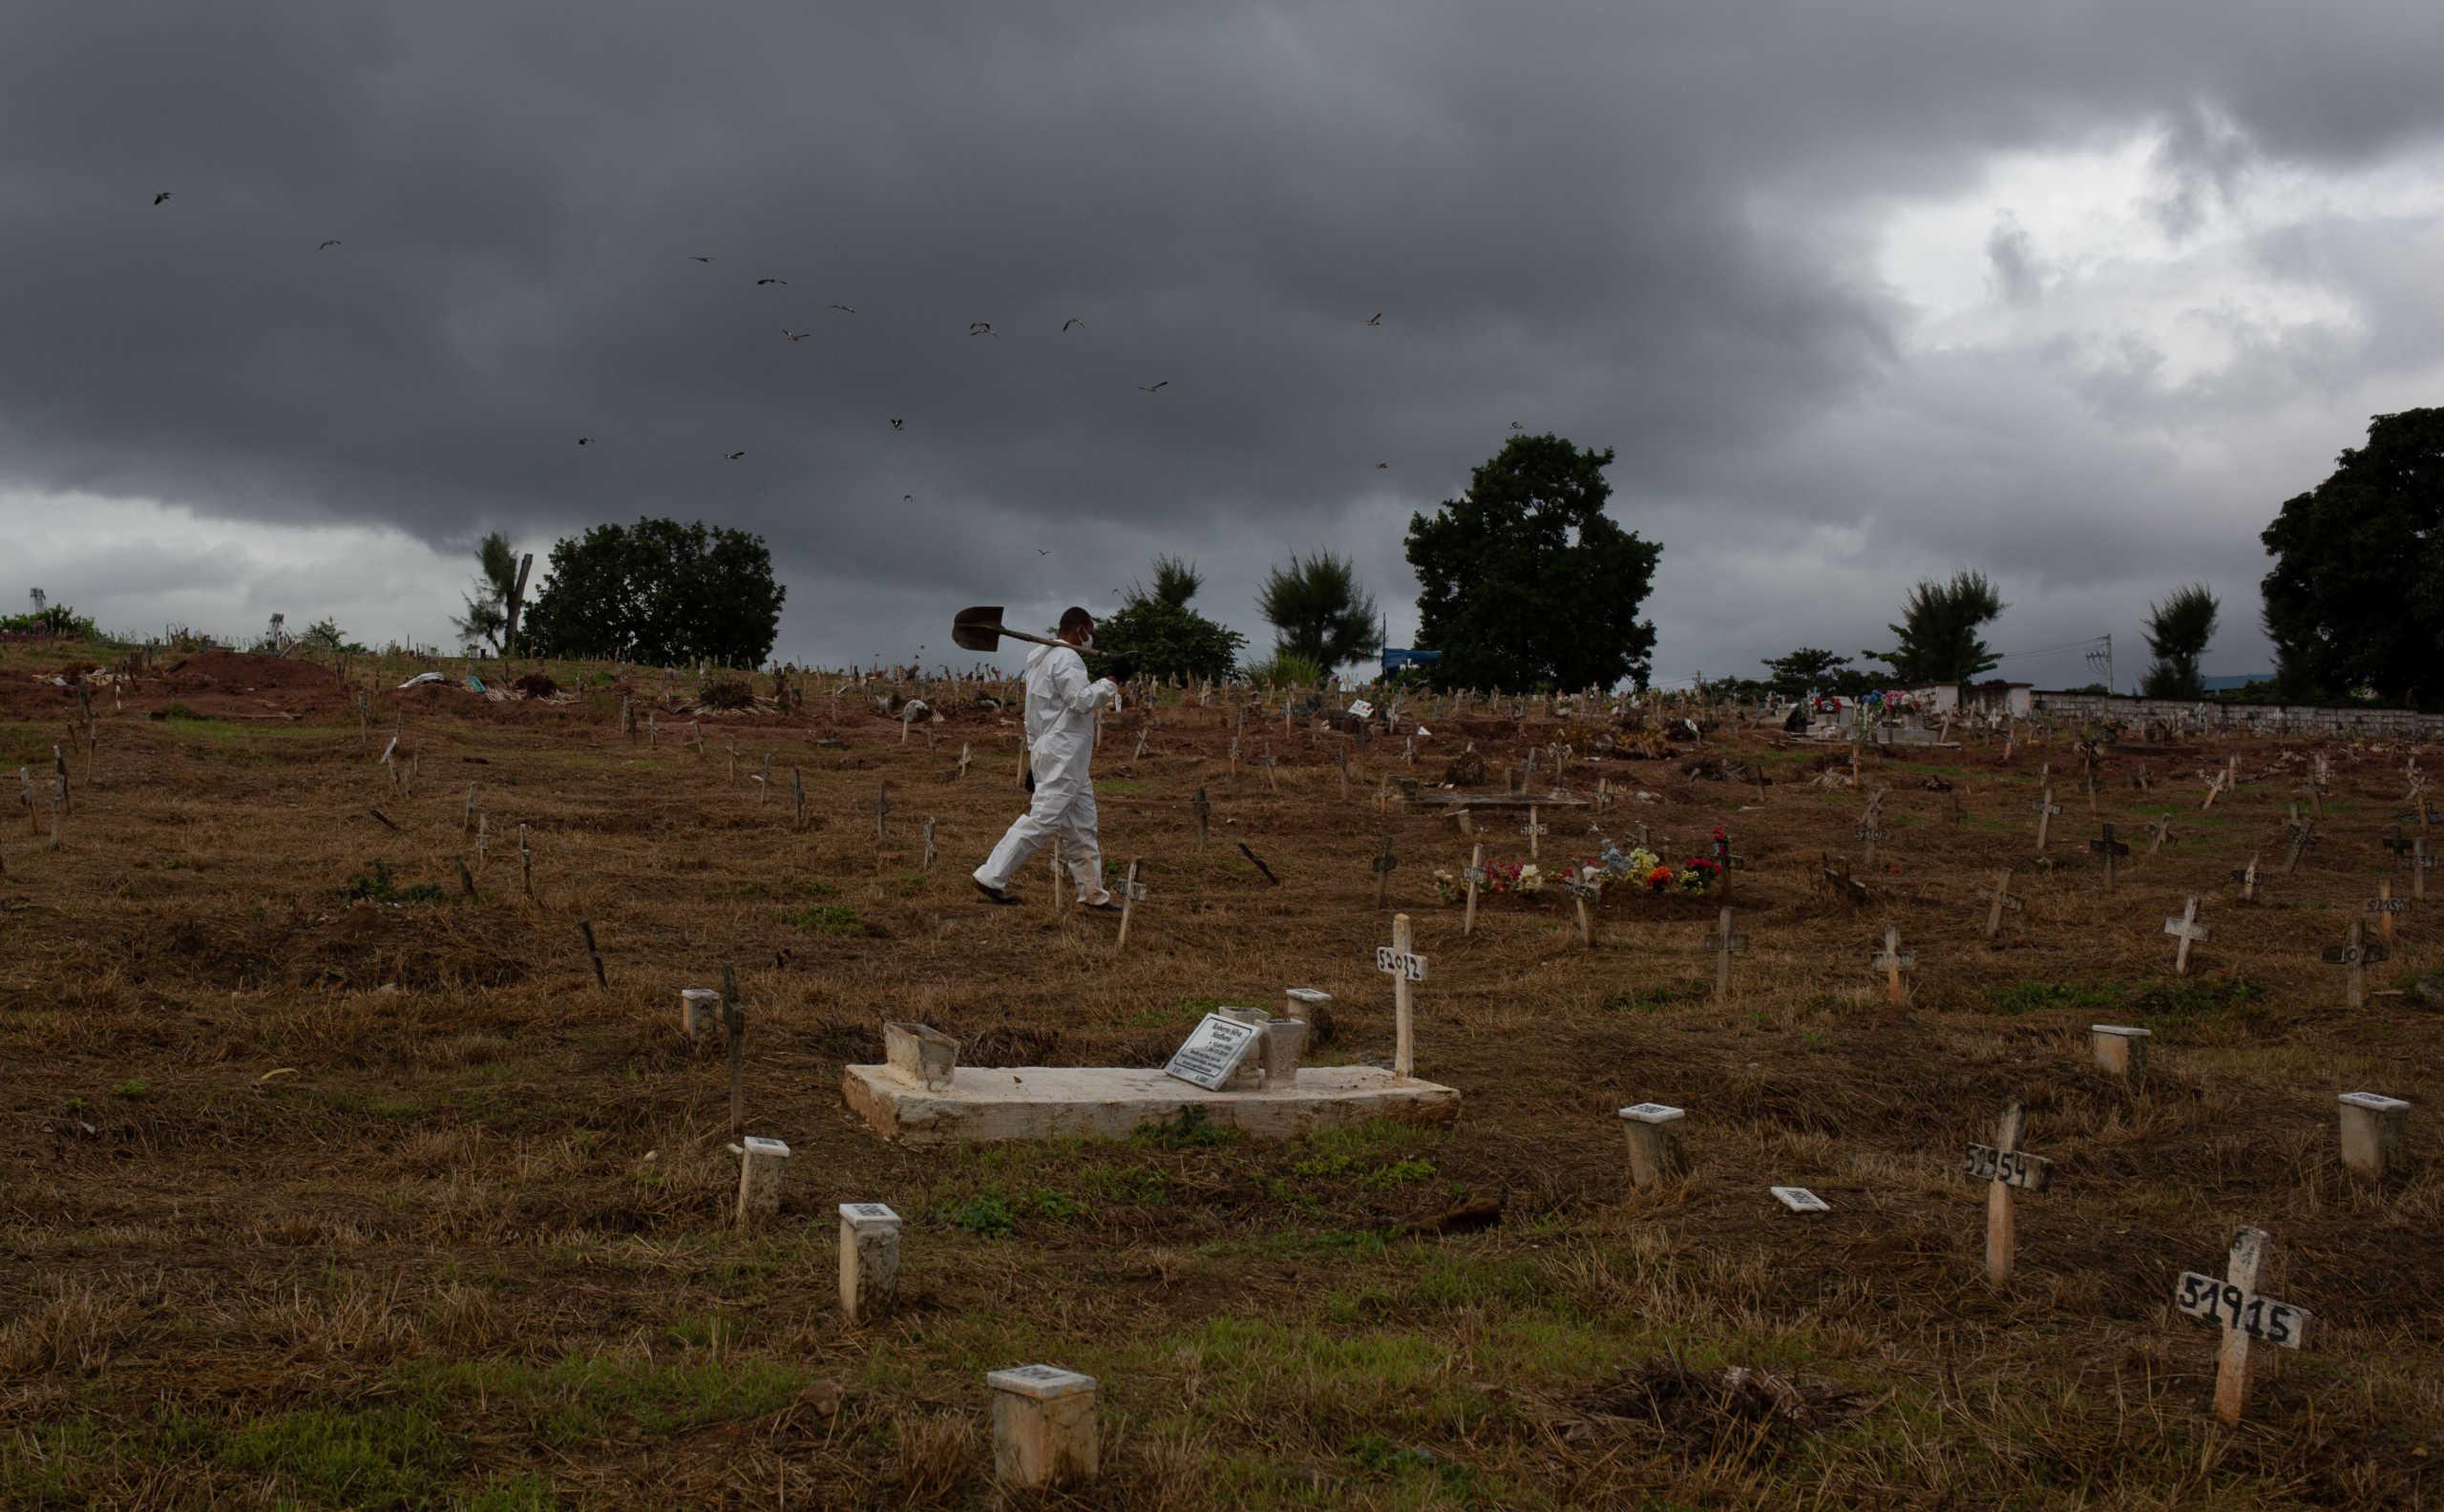 Βραζιλία: Άλλο ένα μακάβριο ρεκόρ με 3.780 θανάτους από κορονοϊό σε ένα 24ωρο